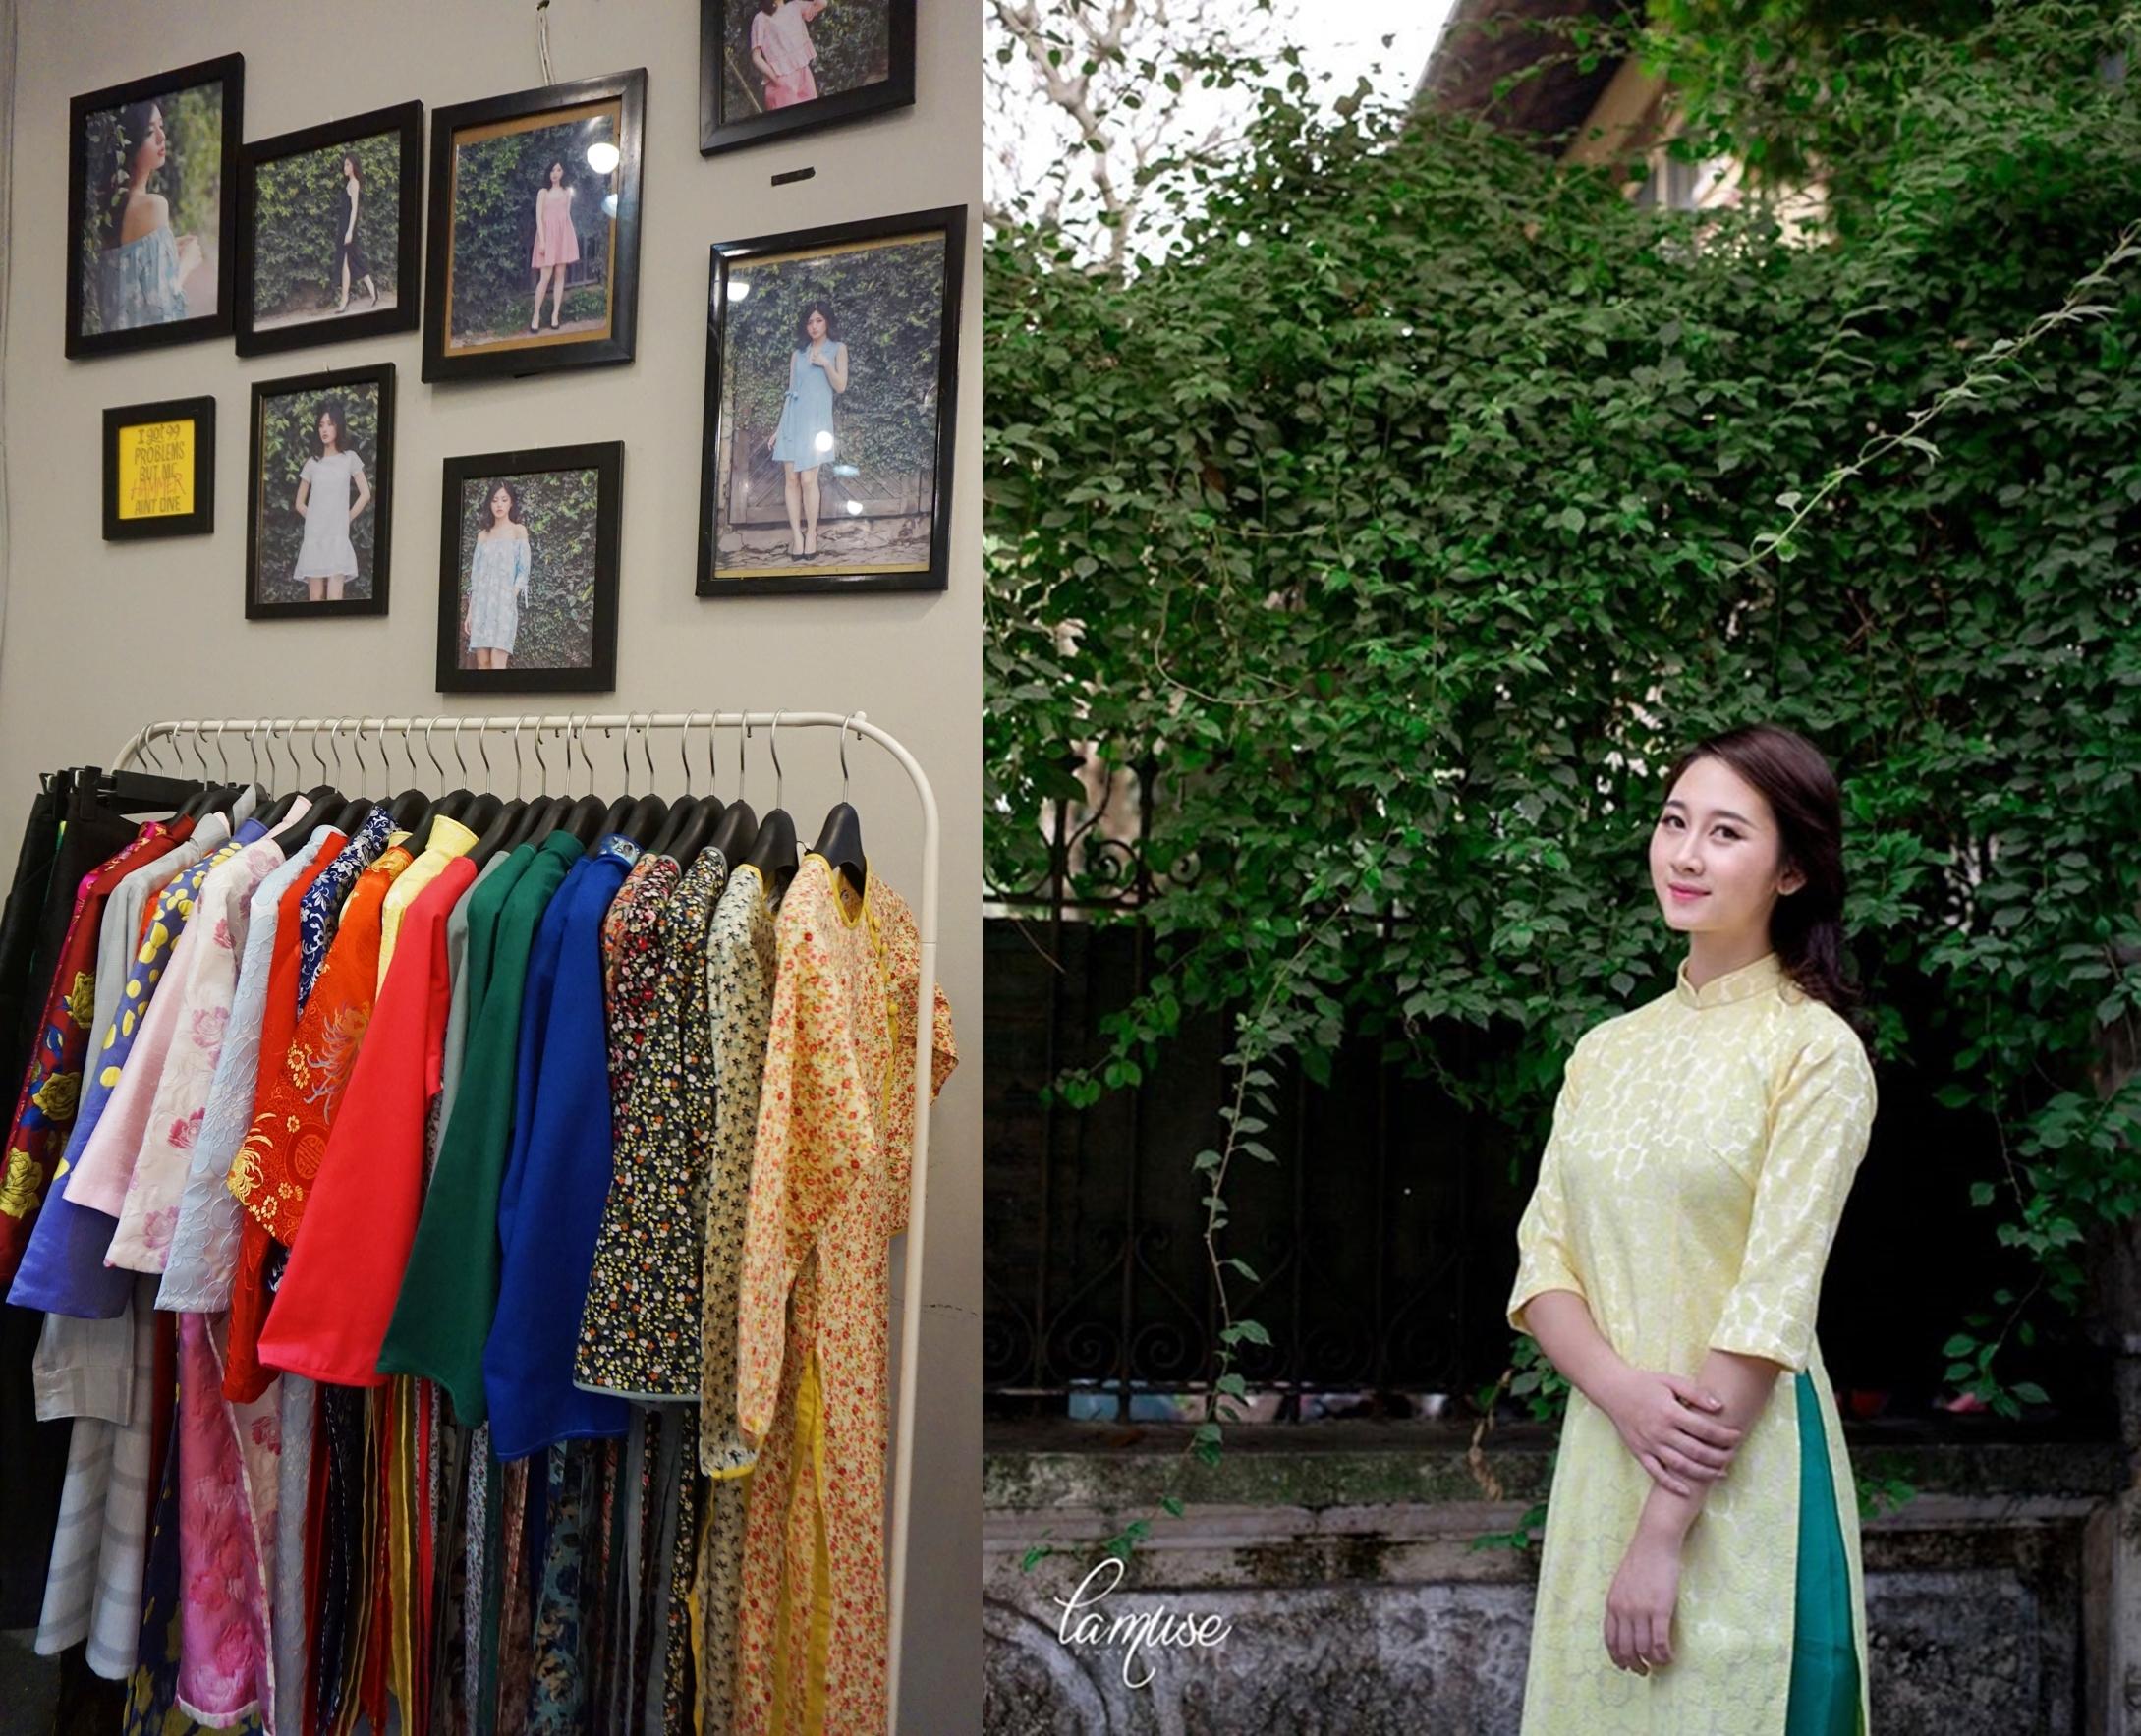 dua nhau di tron tron ven mot ngay tai con pho bi mat giua long ha noi f3e1b37831 - Khúc Hạo - con phố có nhiều quán cà phê chất lừ, tiệm áo quần xinh và spa đẹp ở Hà Nội